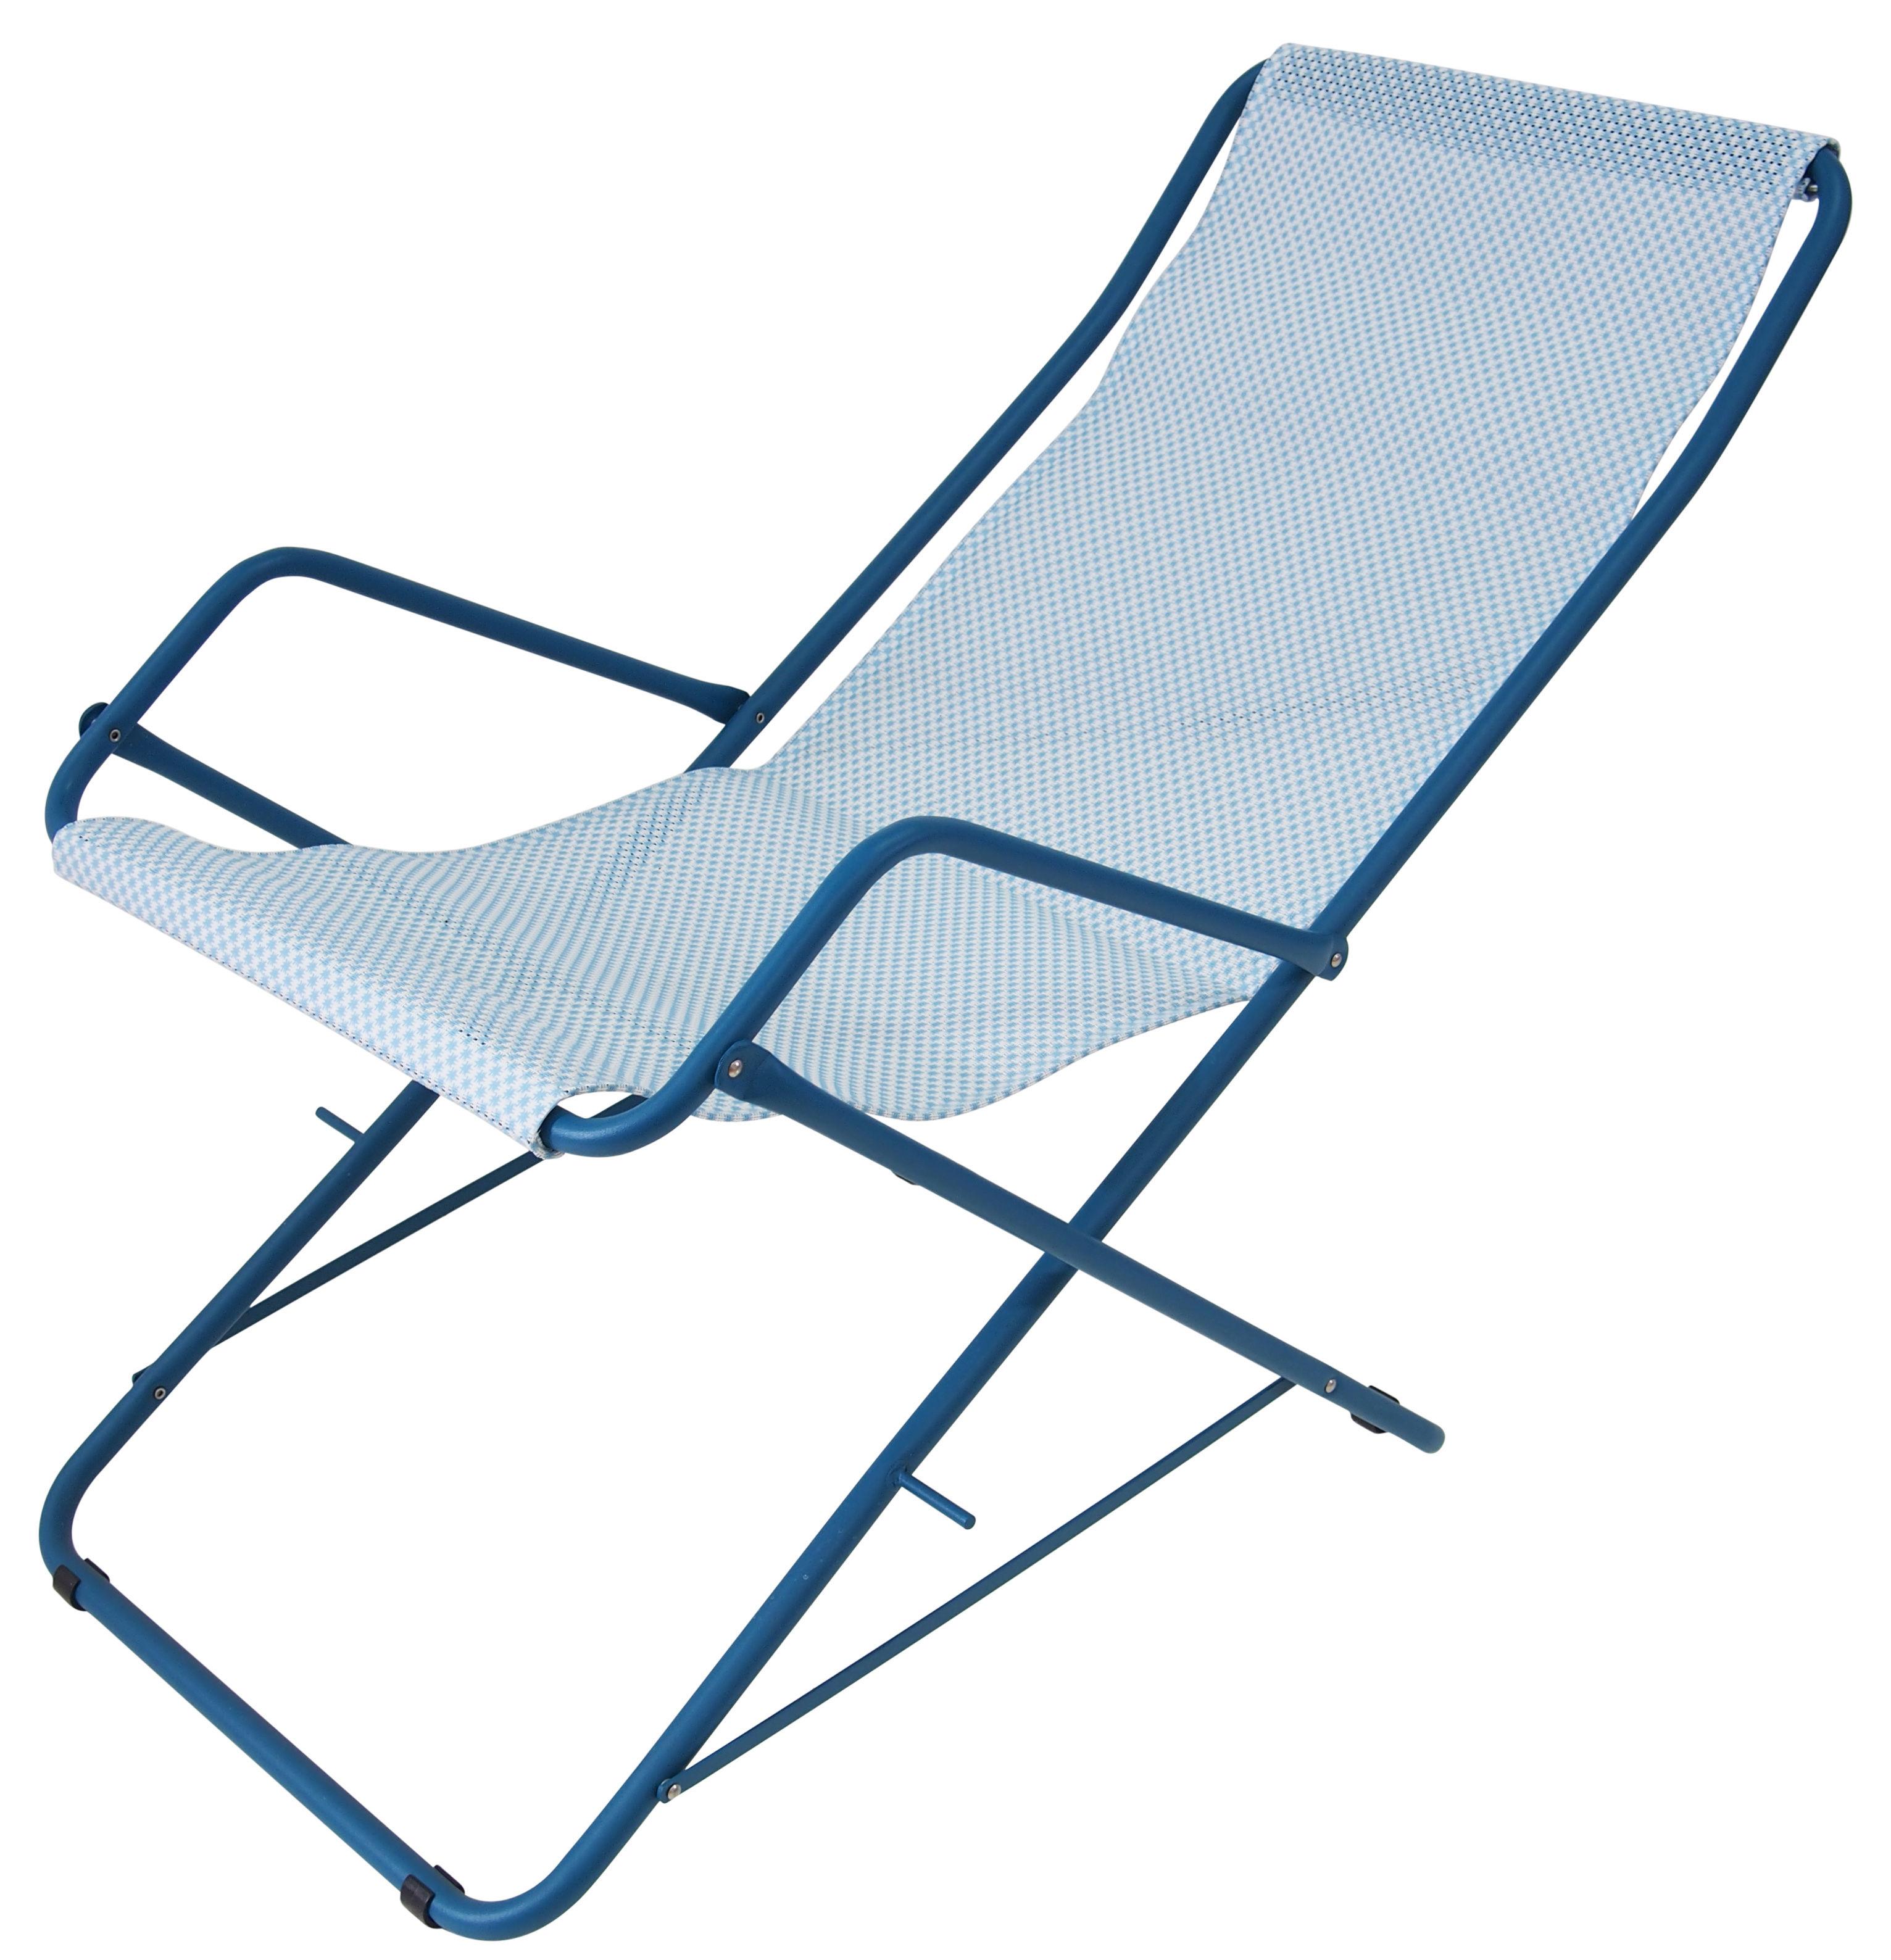 Chaise longue bahama pliable toile bleu ciel structure for Chaise longue en toile